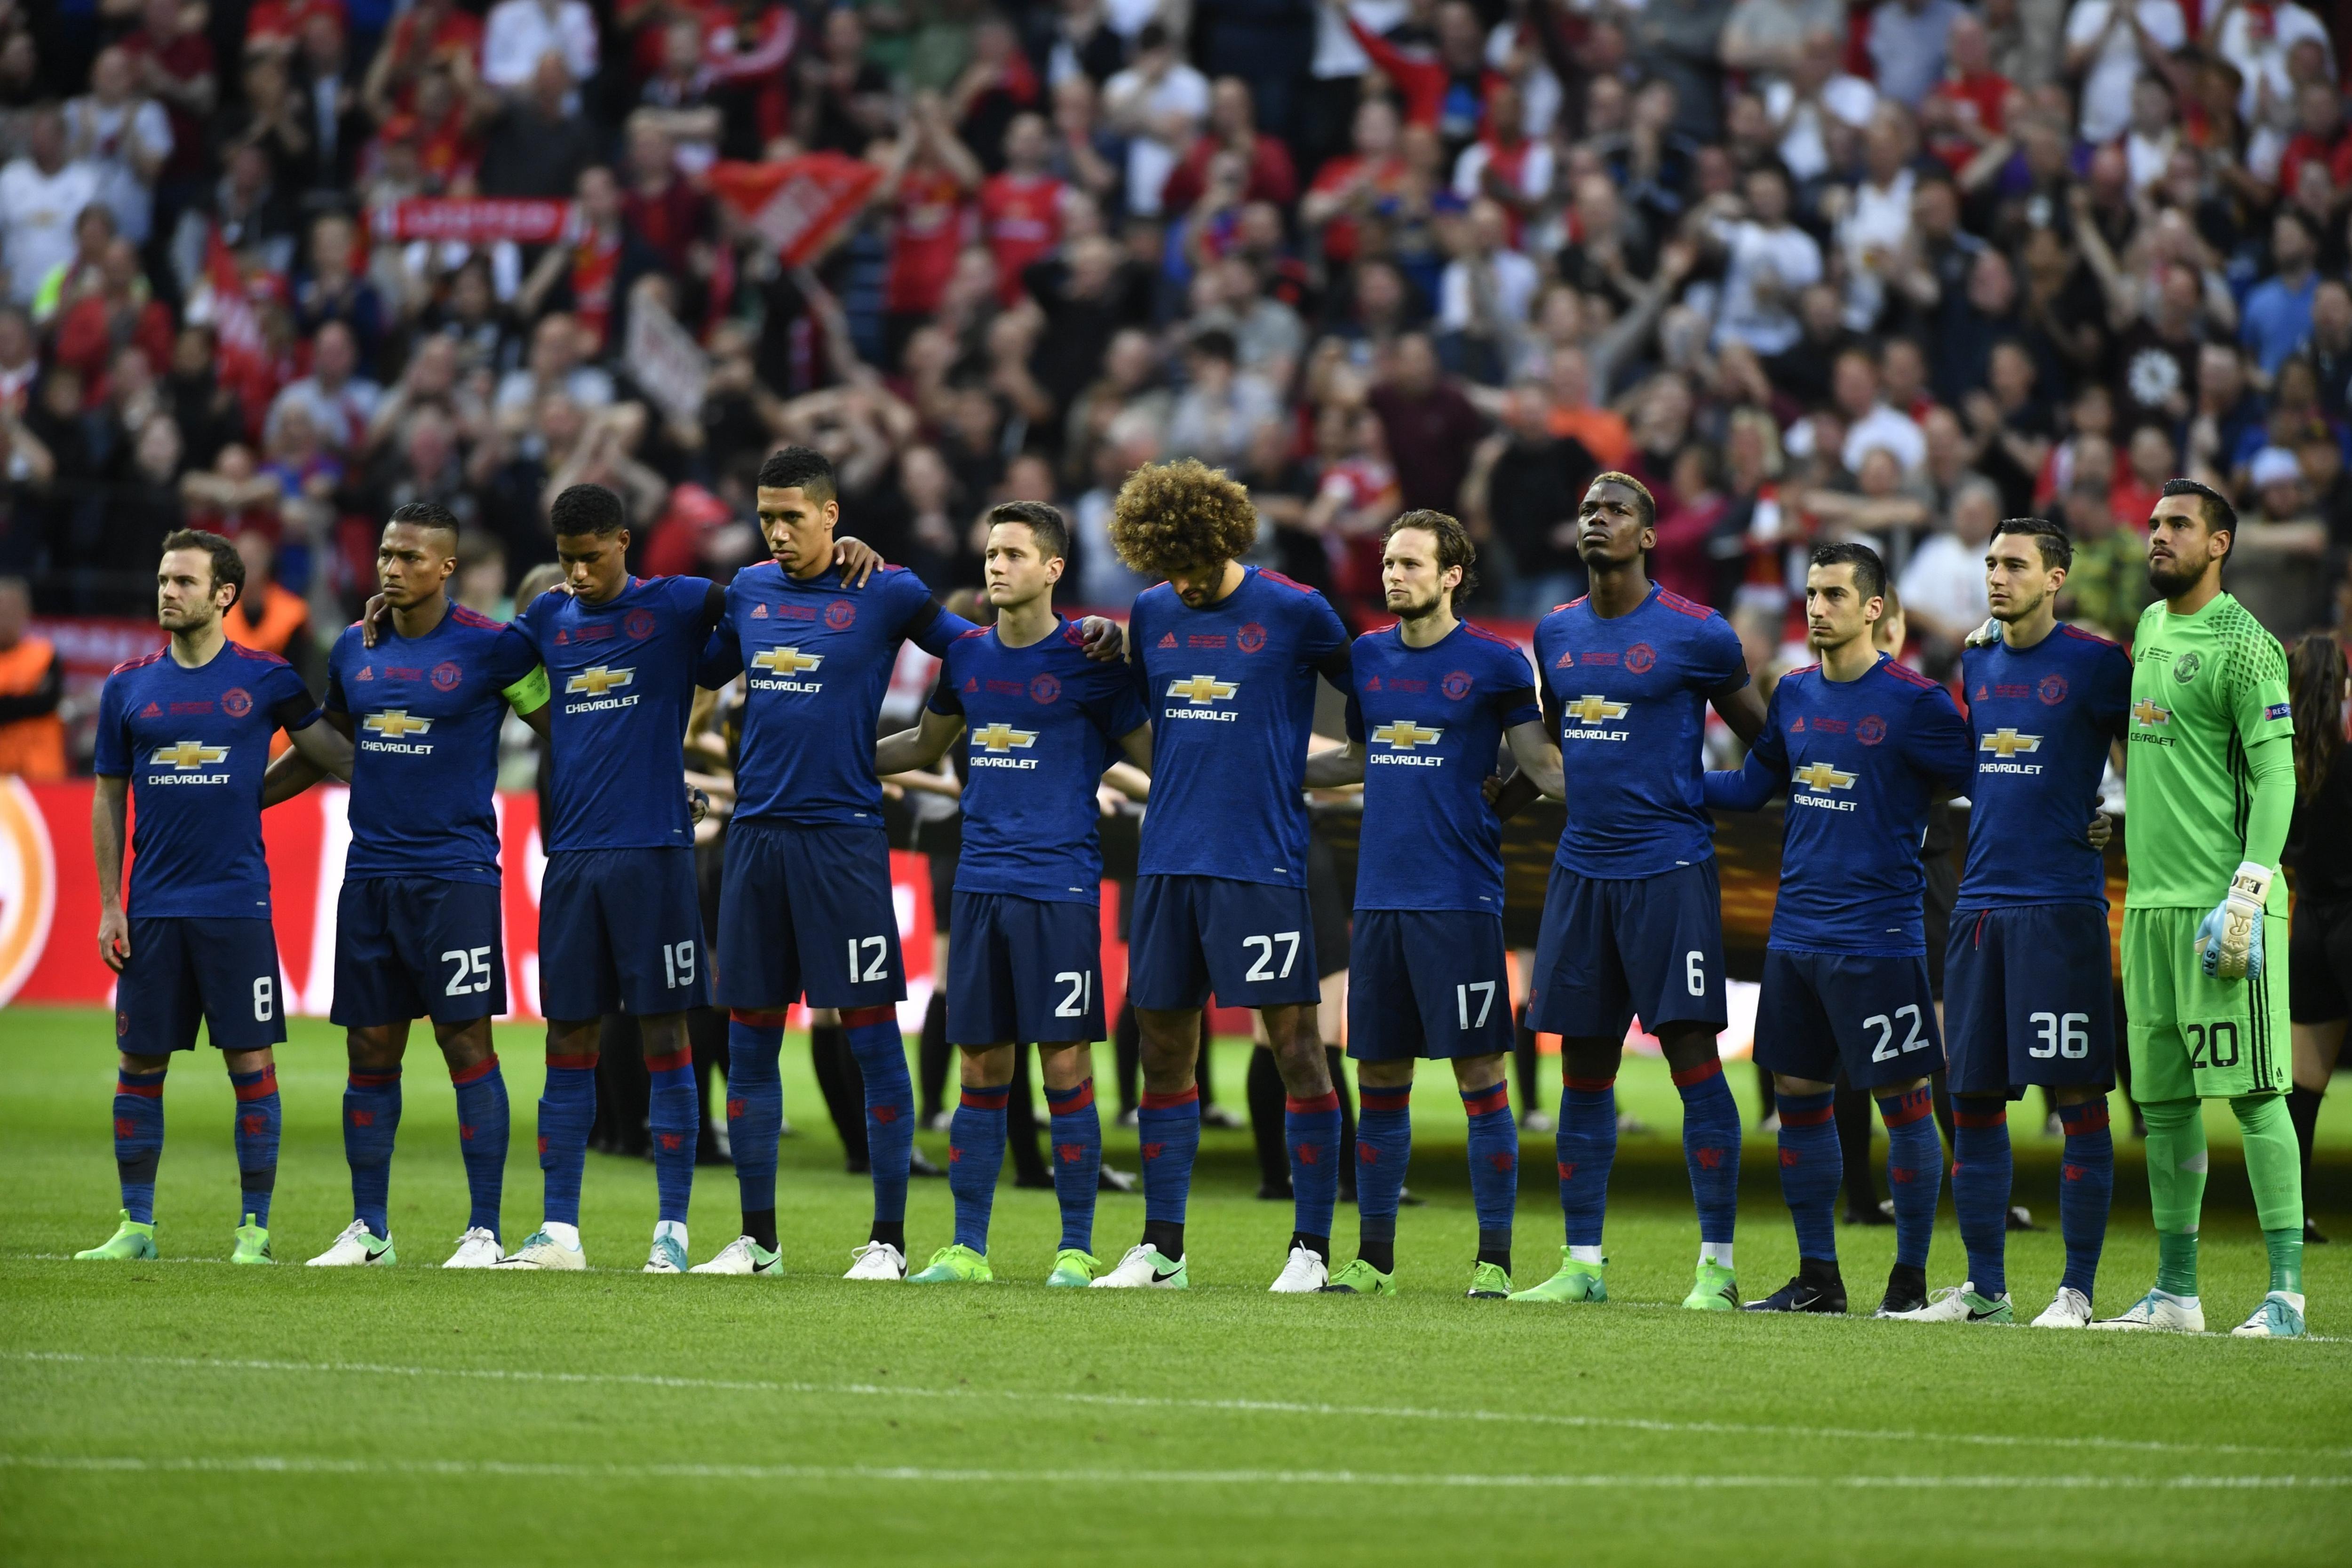 VIDEO: El minuto de silencio en la final de la Europa League por el atentado de Manchester